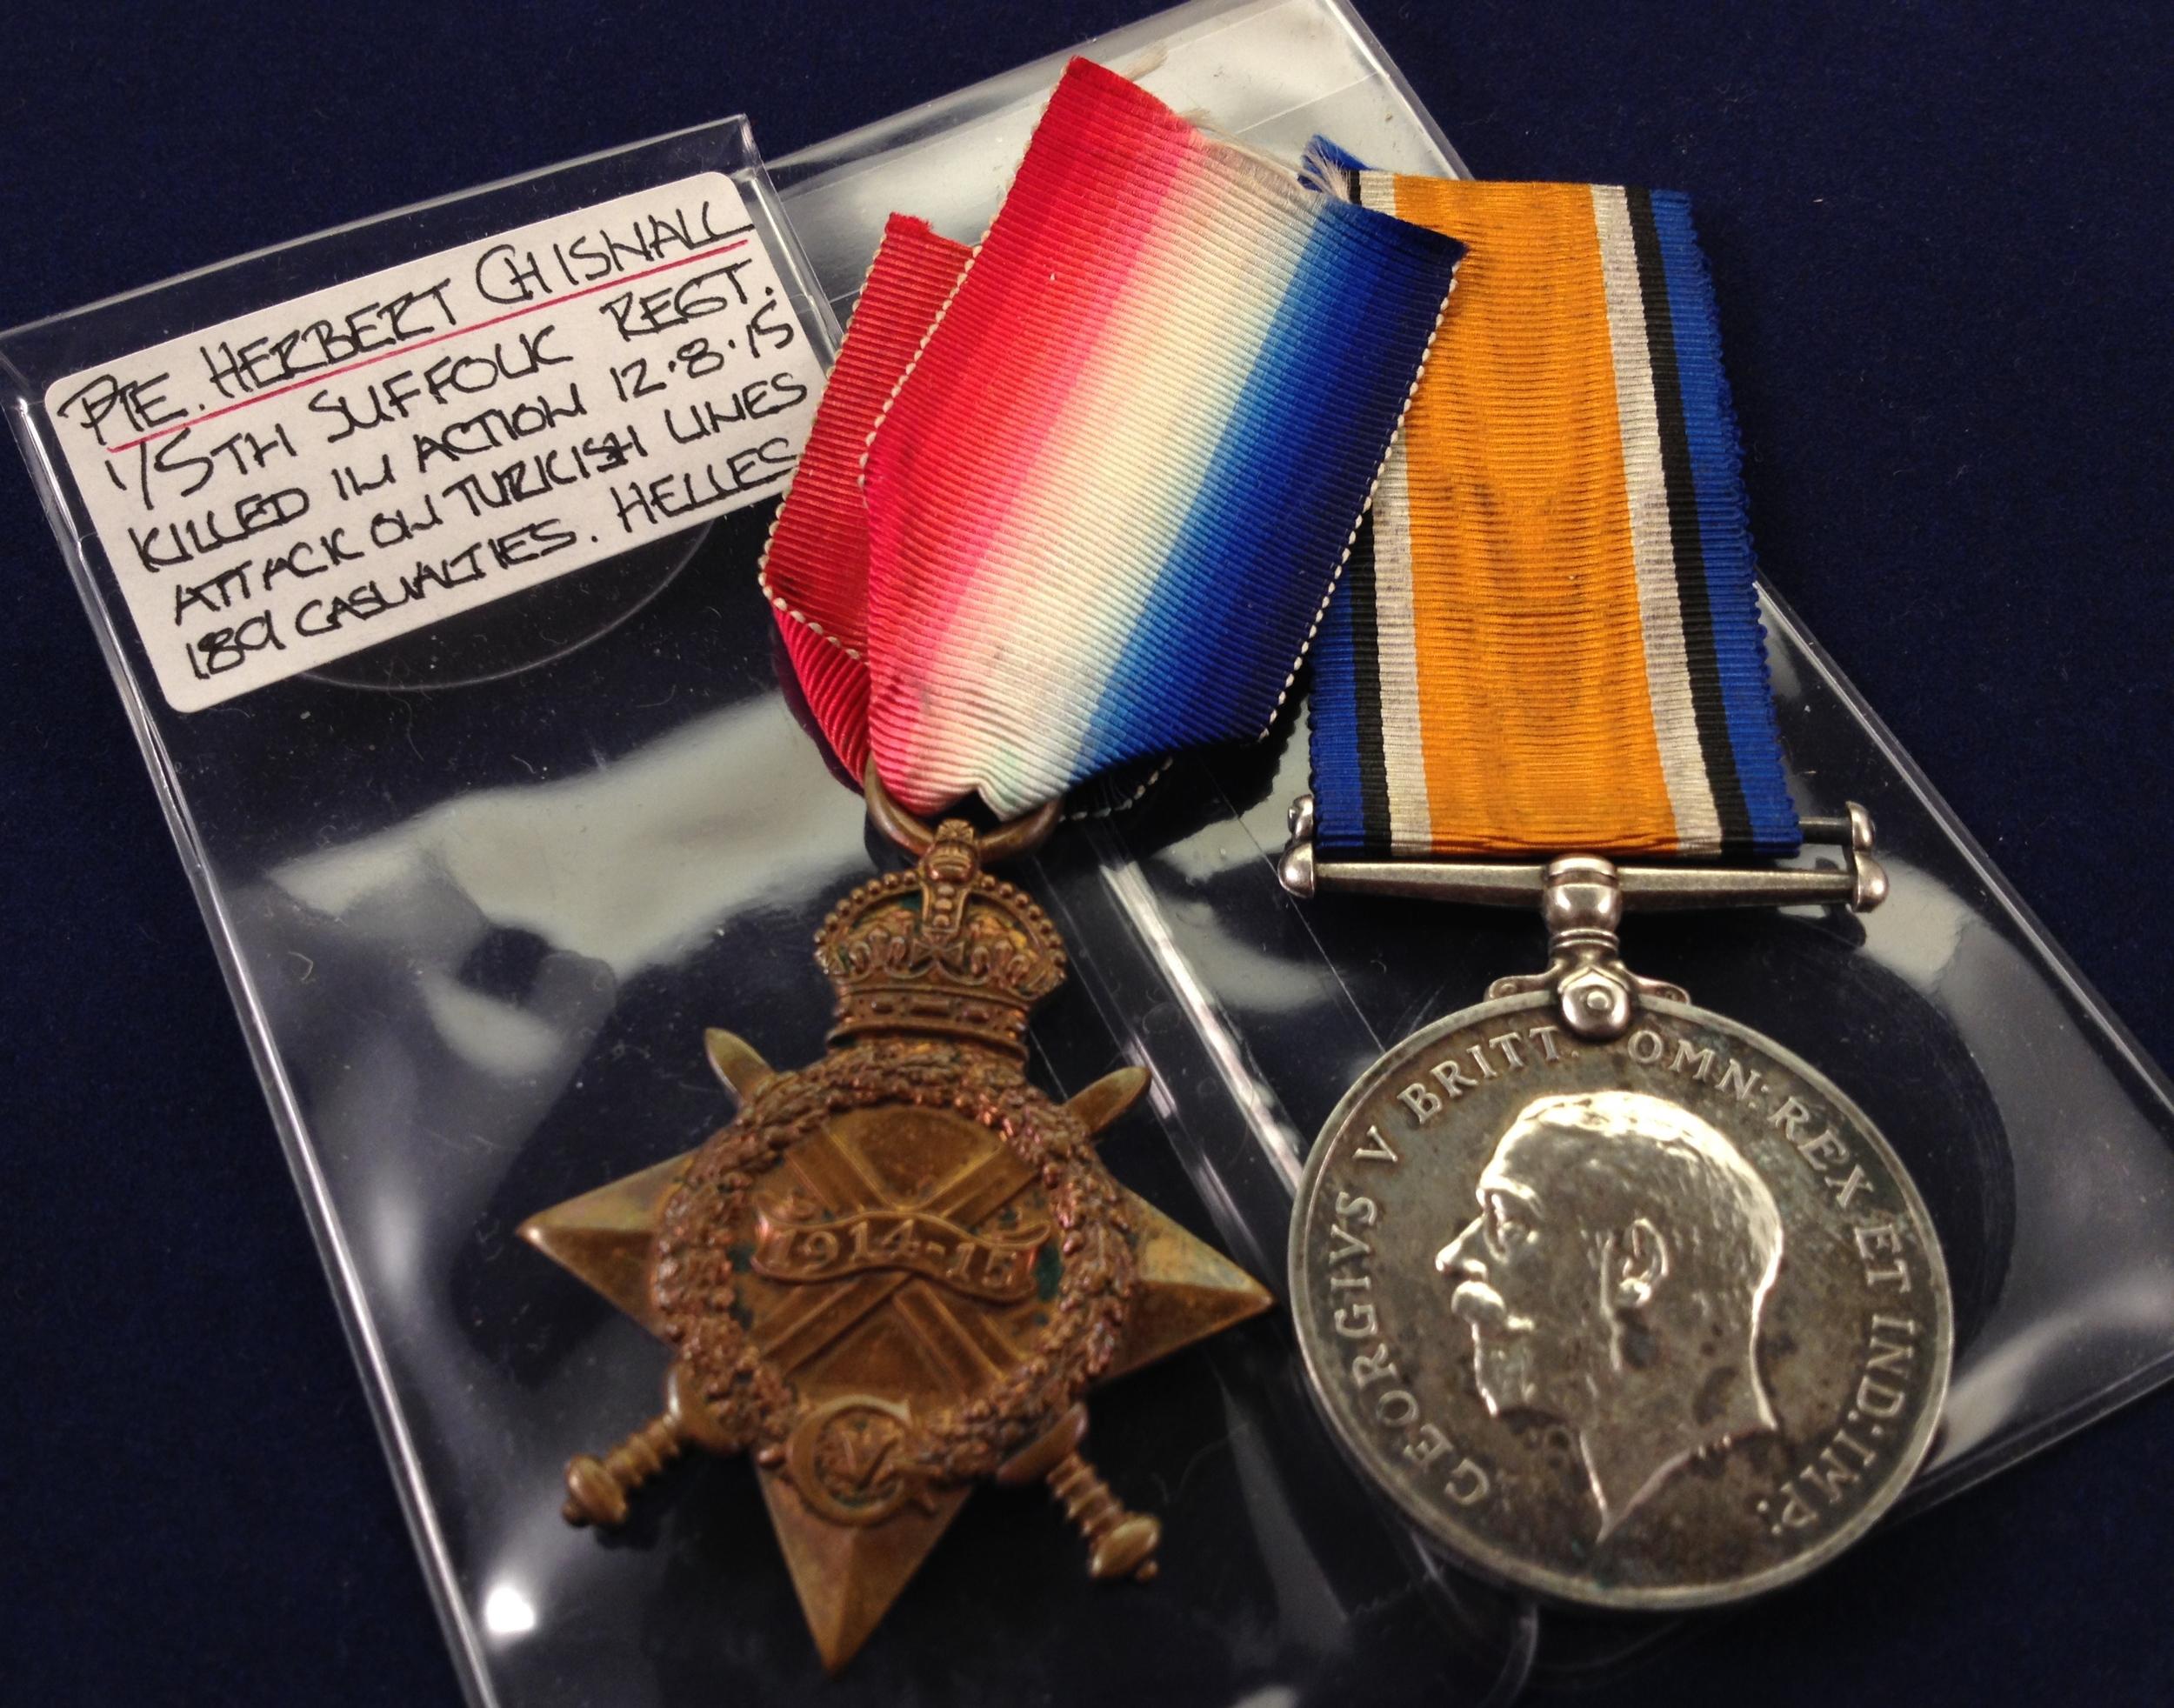 Herbert Chisnall medals in sleeves.JPG